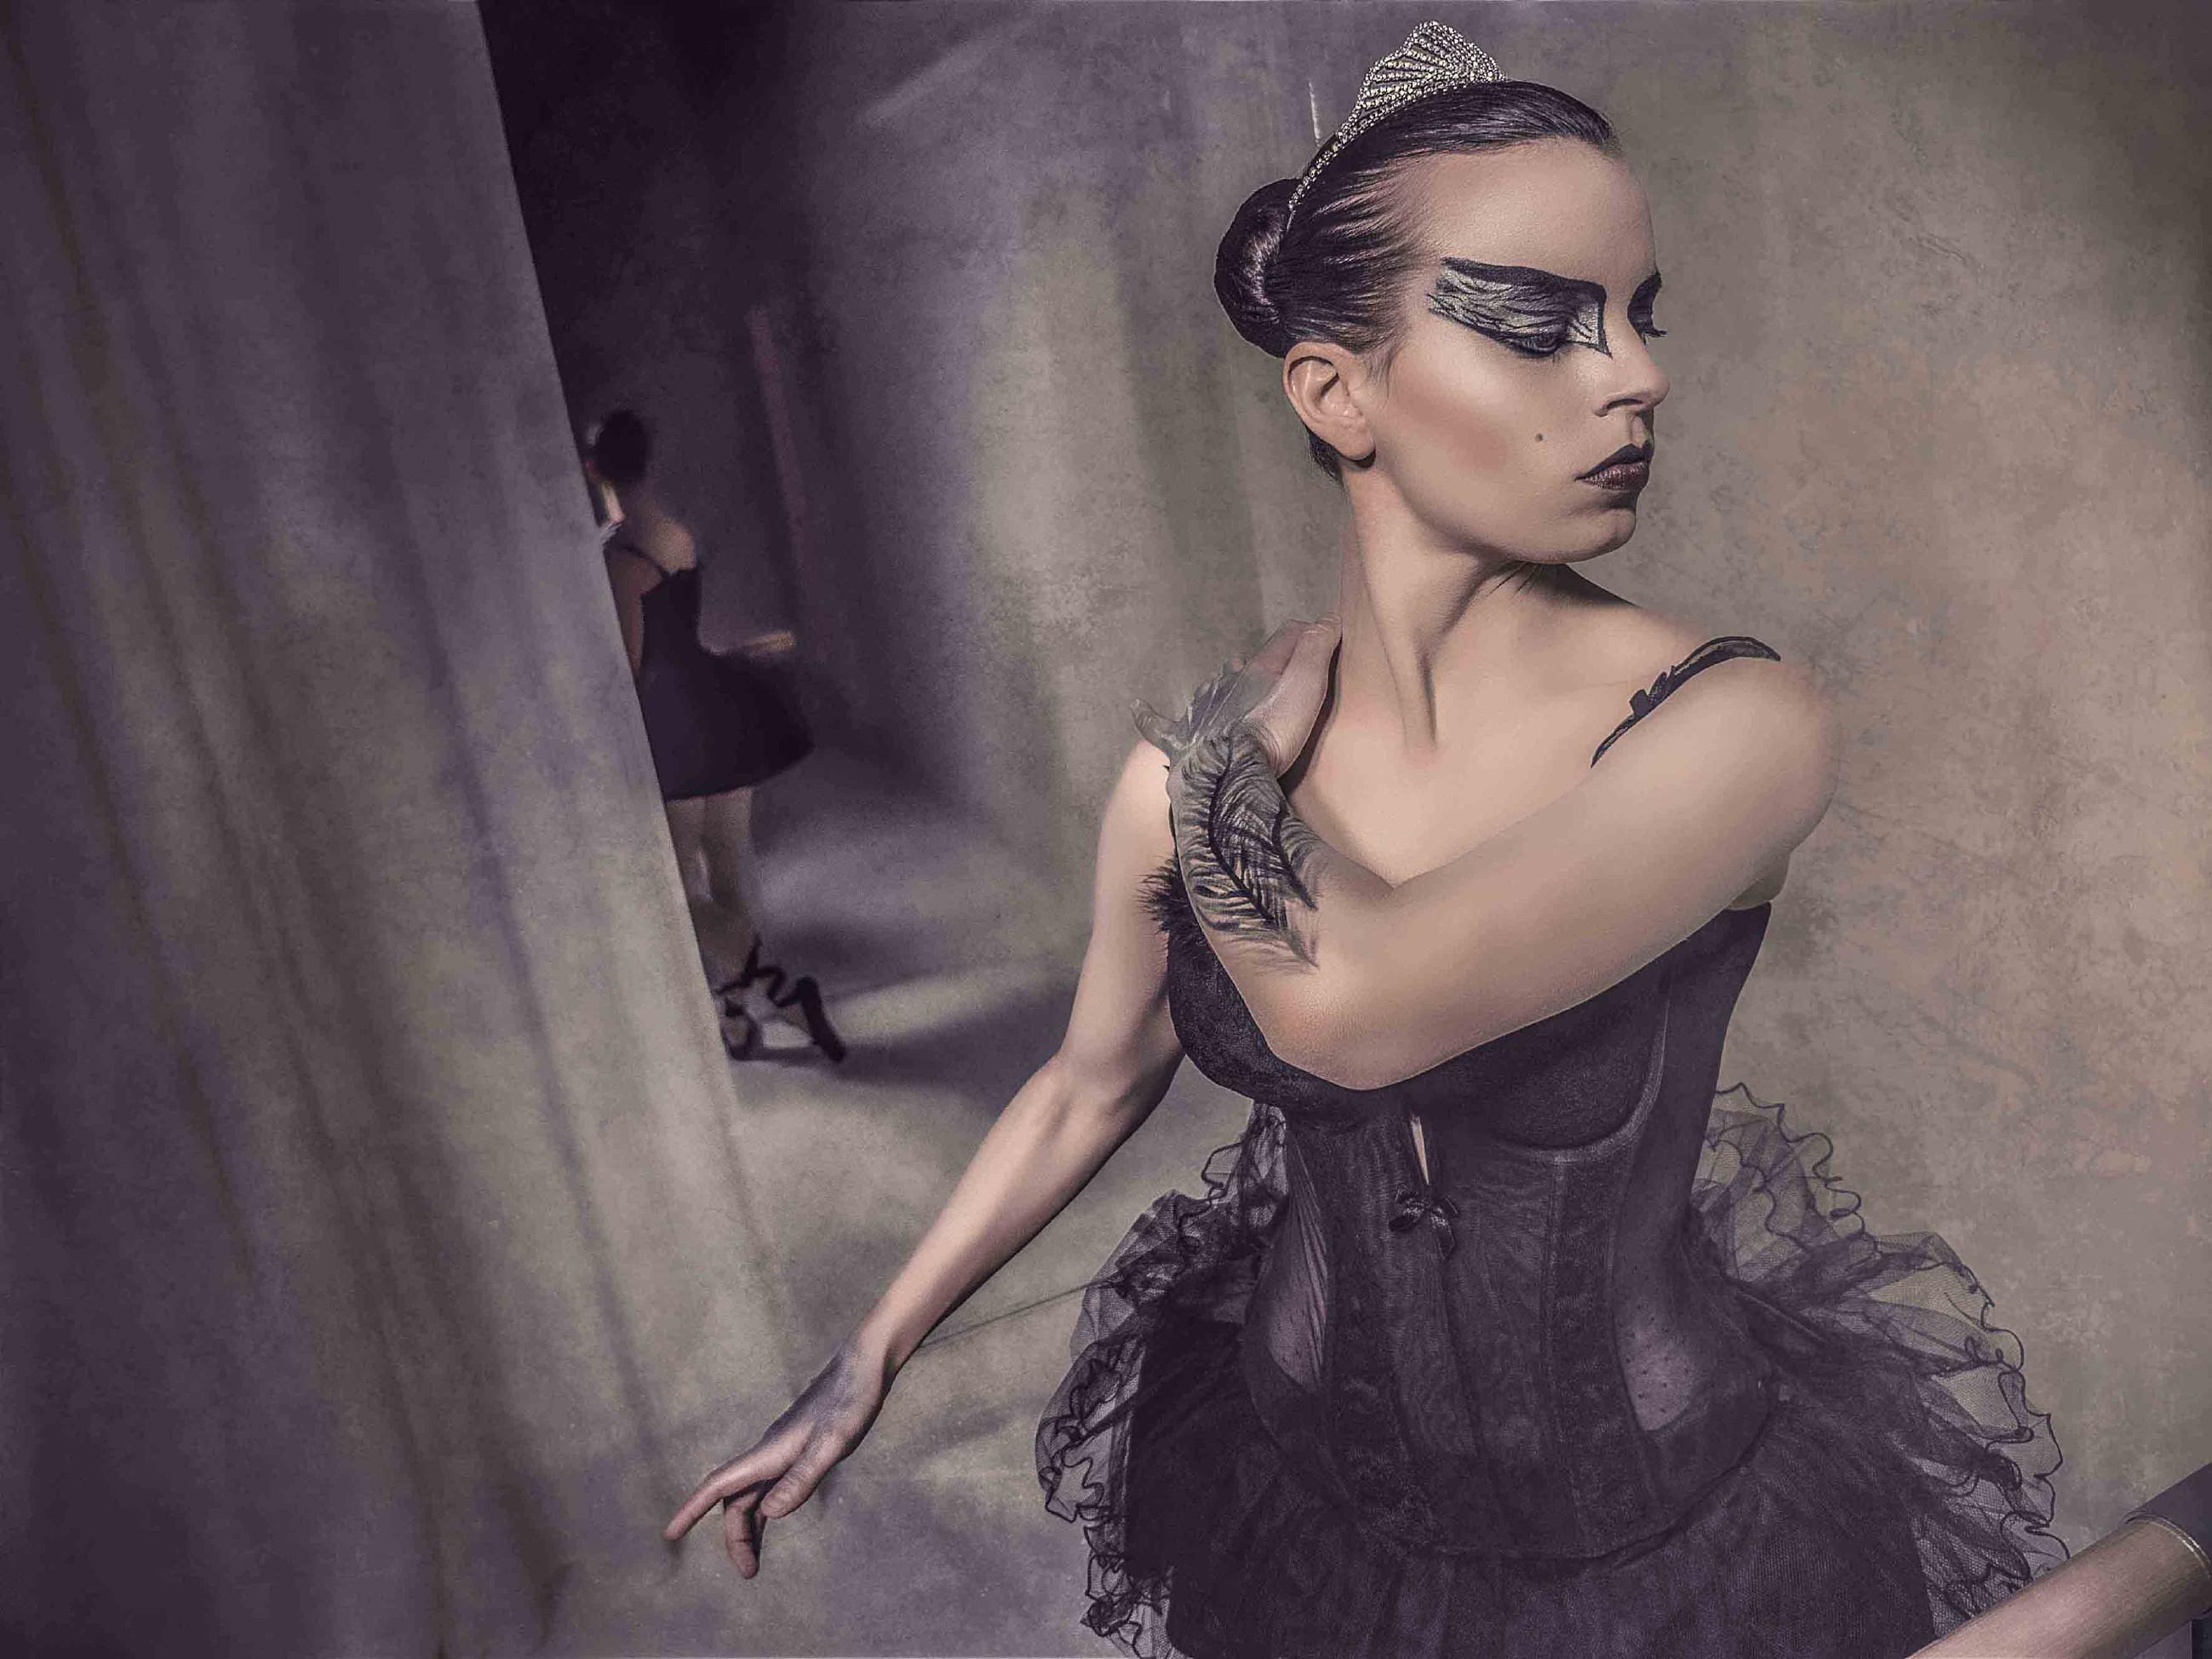 Franziska Benz als Black Swan